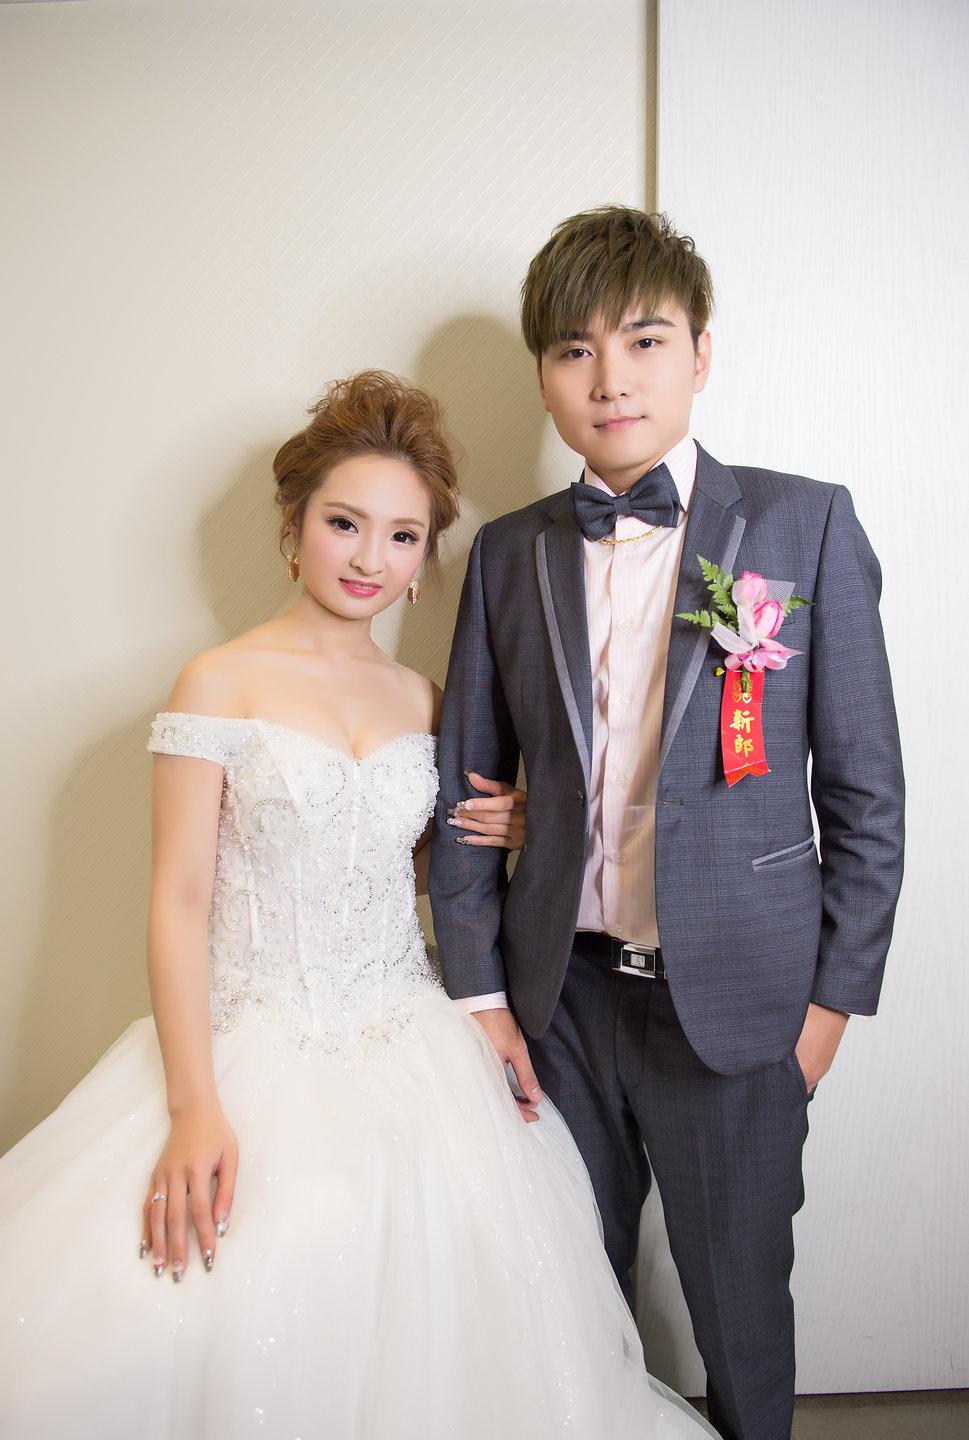 [台北婚攝] 訂婚迎娶儀式@樹林雙岩龍鳳城(編號:432264) - LoveStoryAllen IMAGE - 結婚吧一站式婚禮服務平台